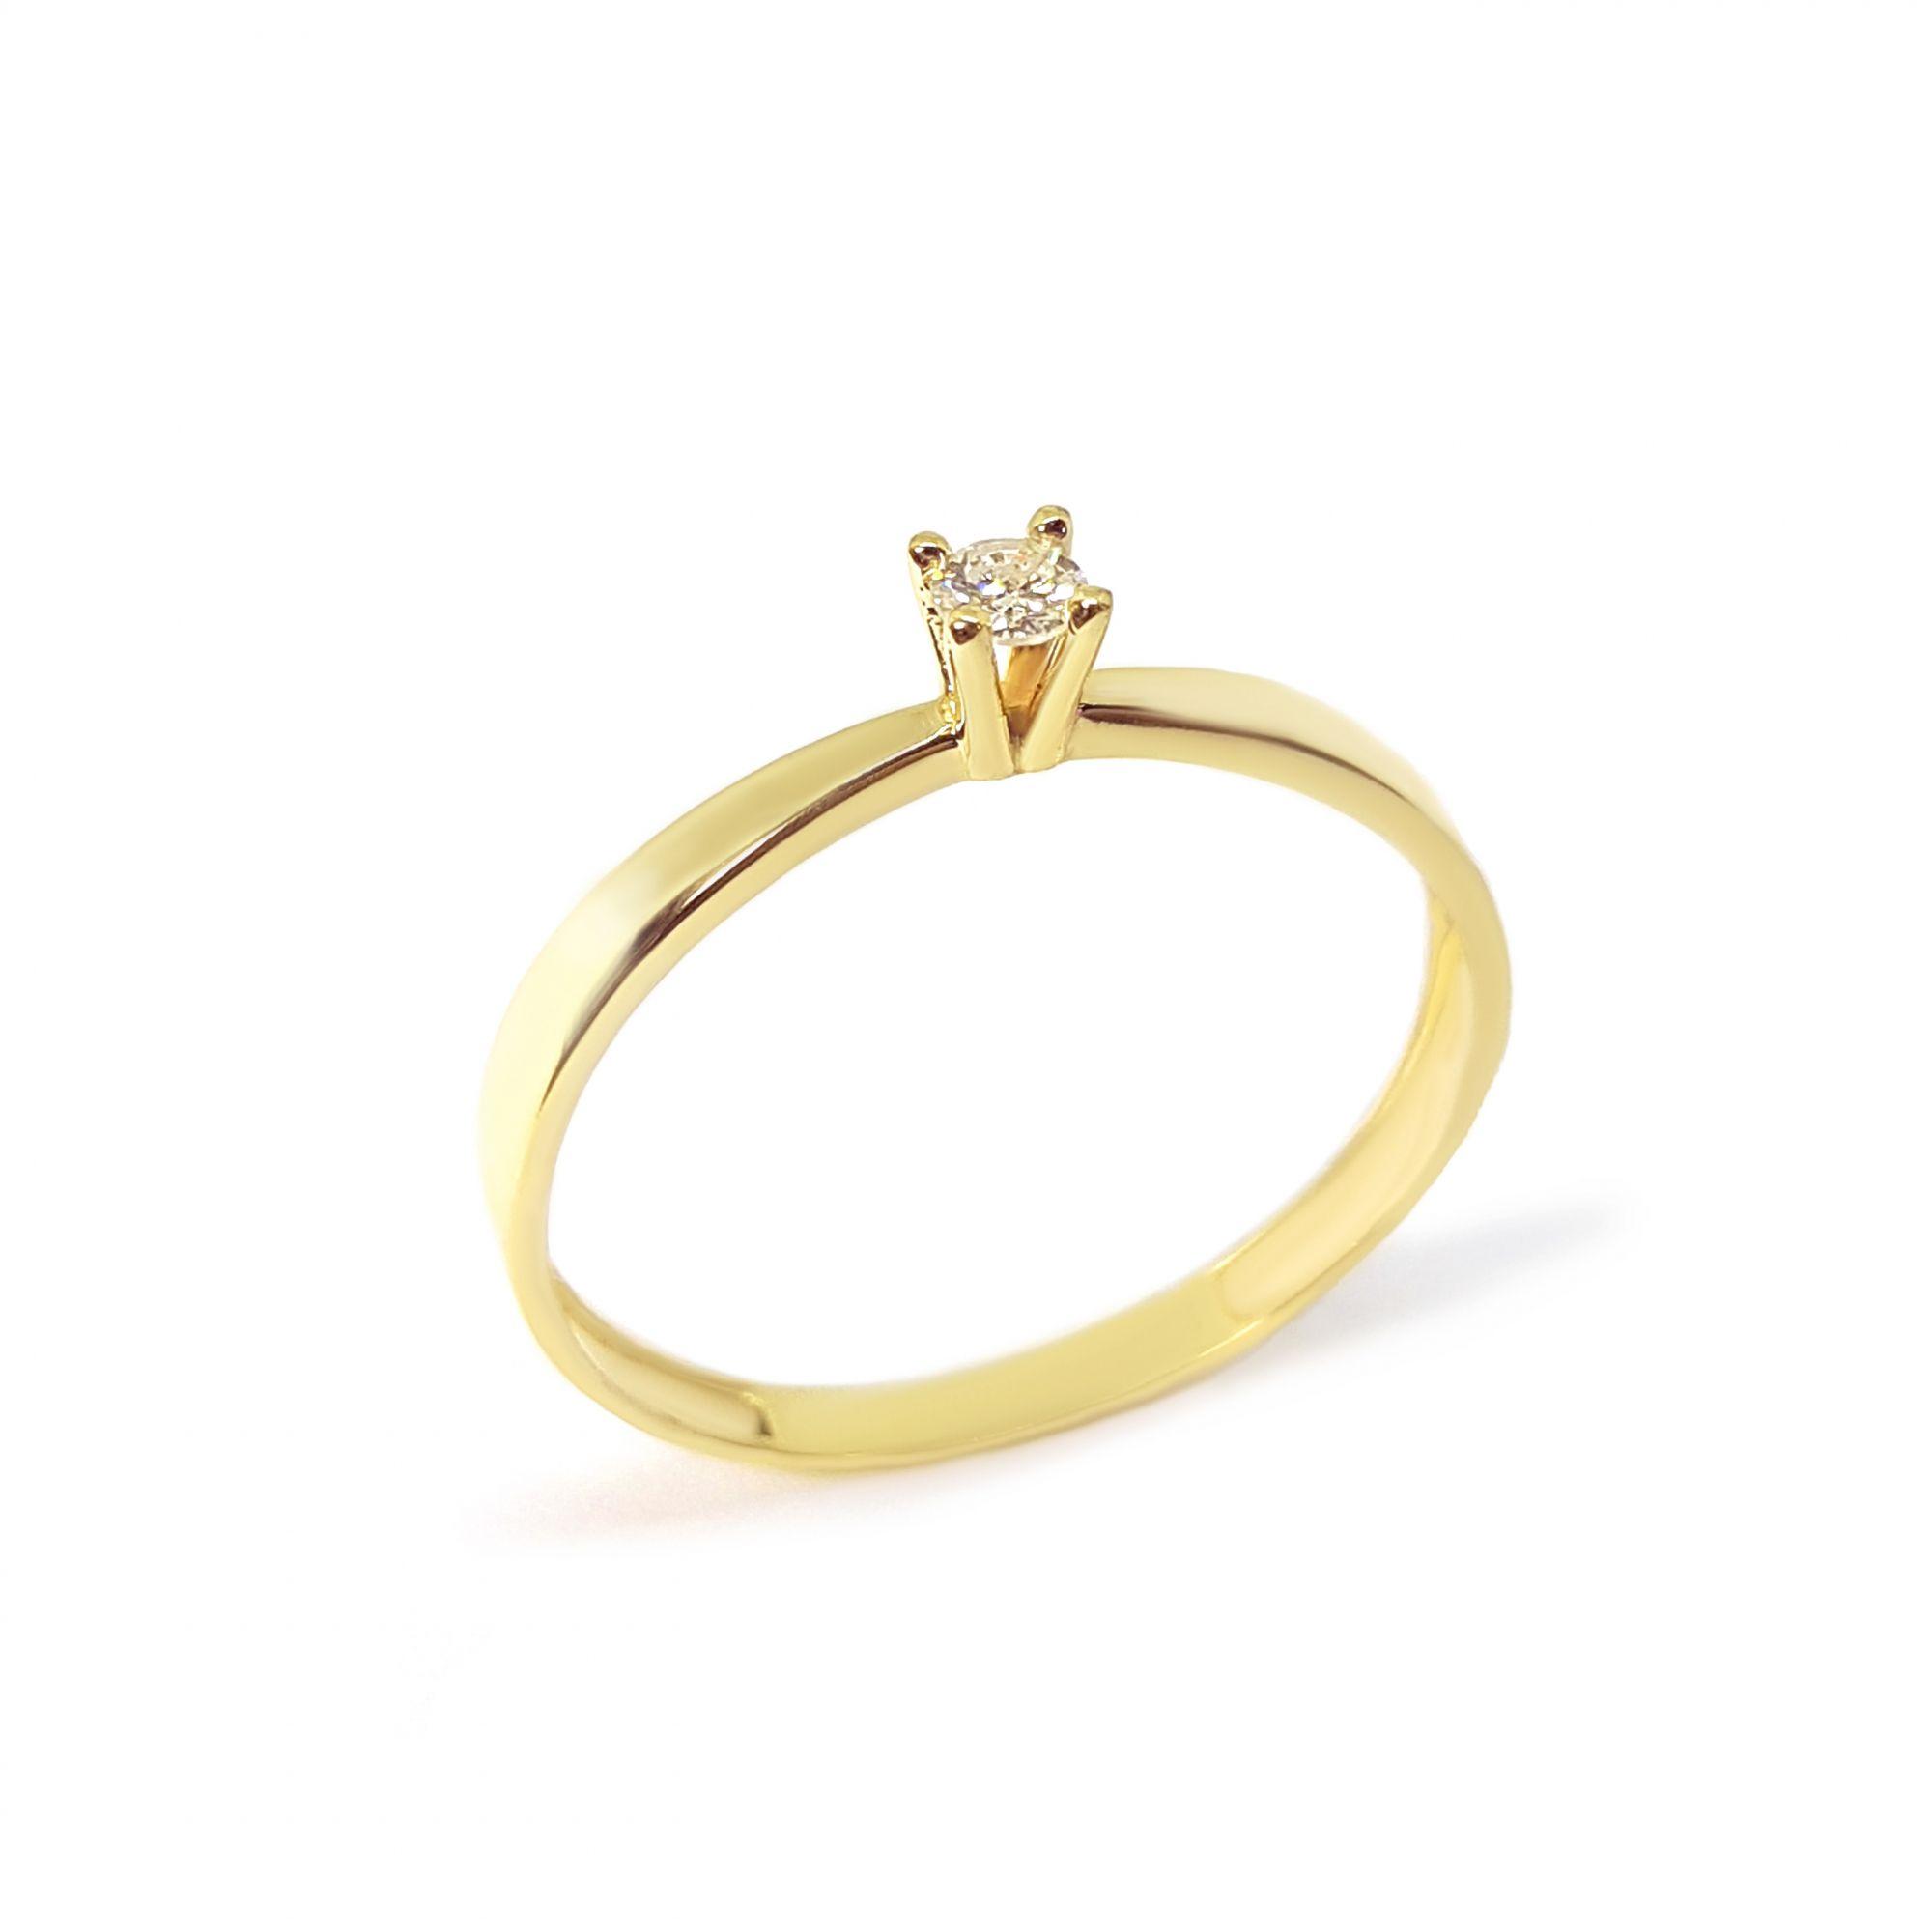 87ed3836e643f Anel Solitário Ouro 18k com Diamante de 7 pontos - YVES